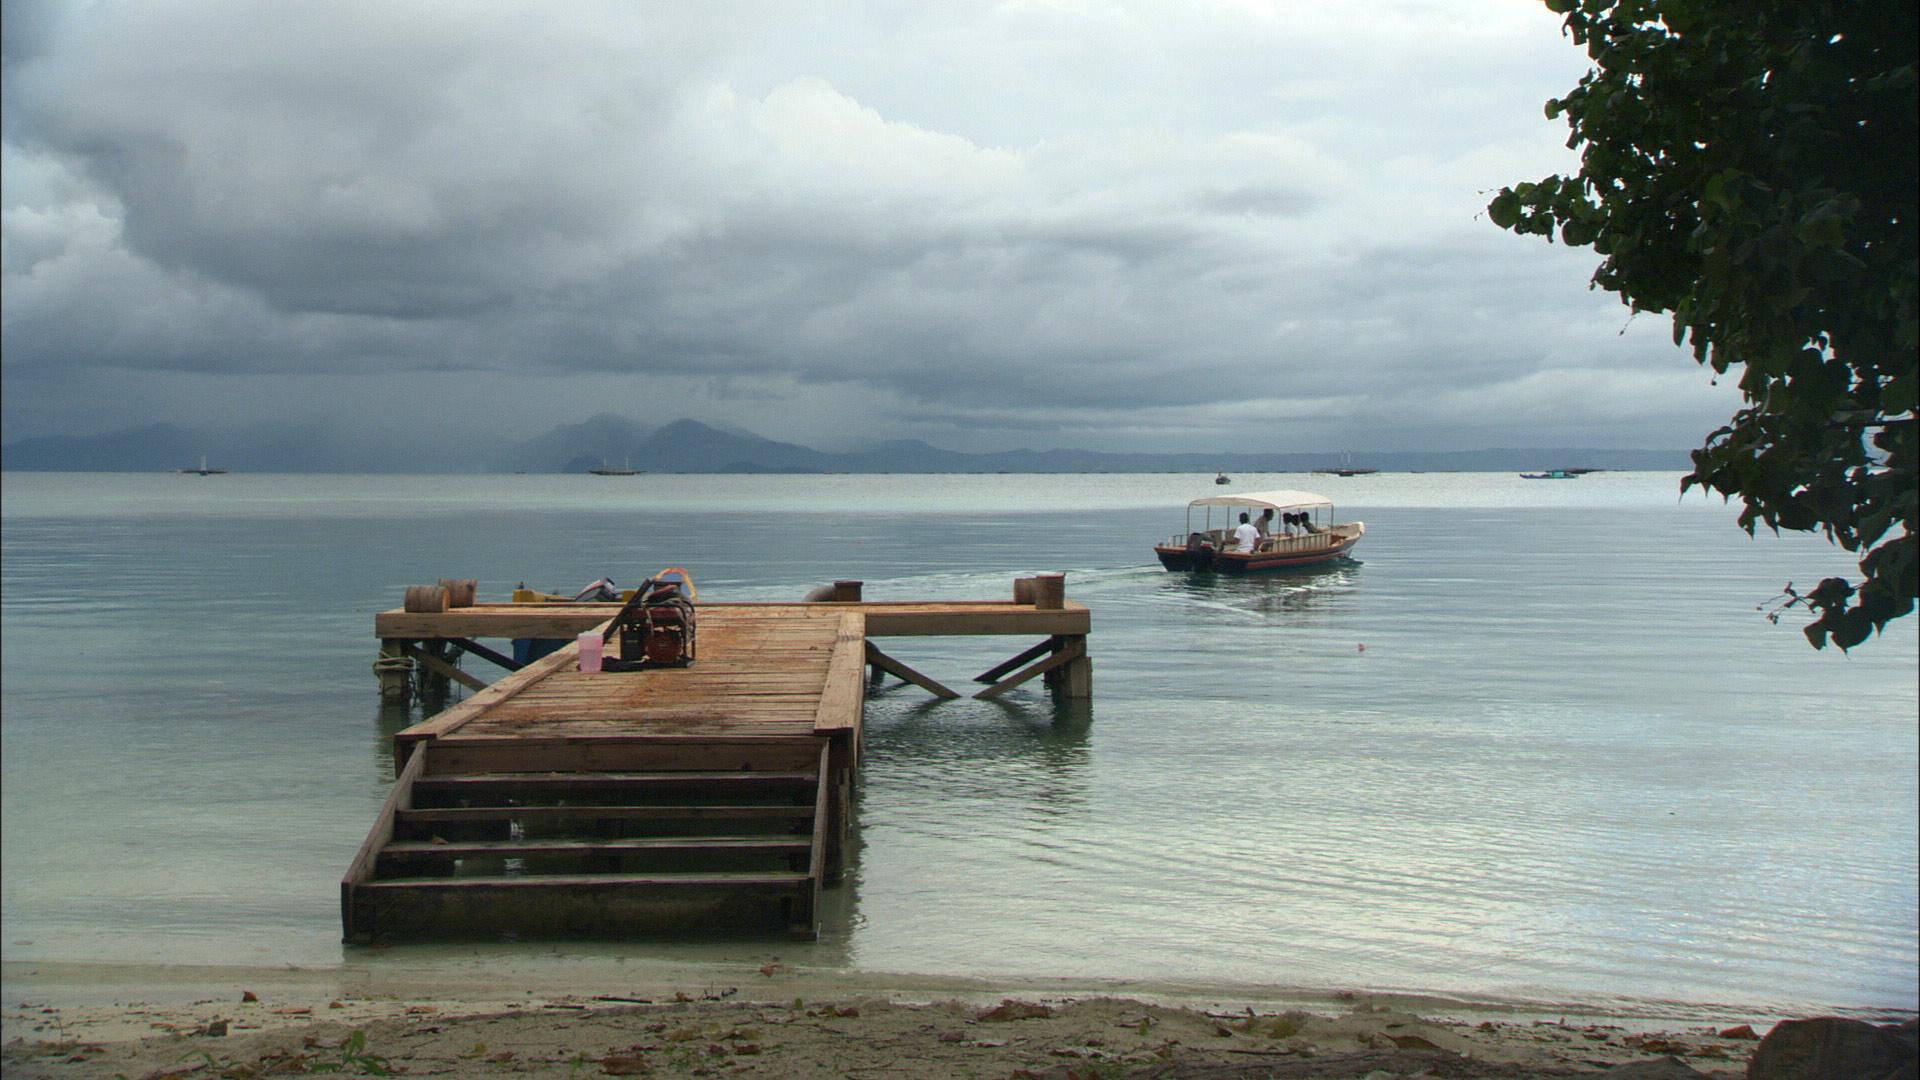 Indonesie - ile départ bateau.jpg